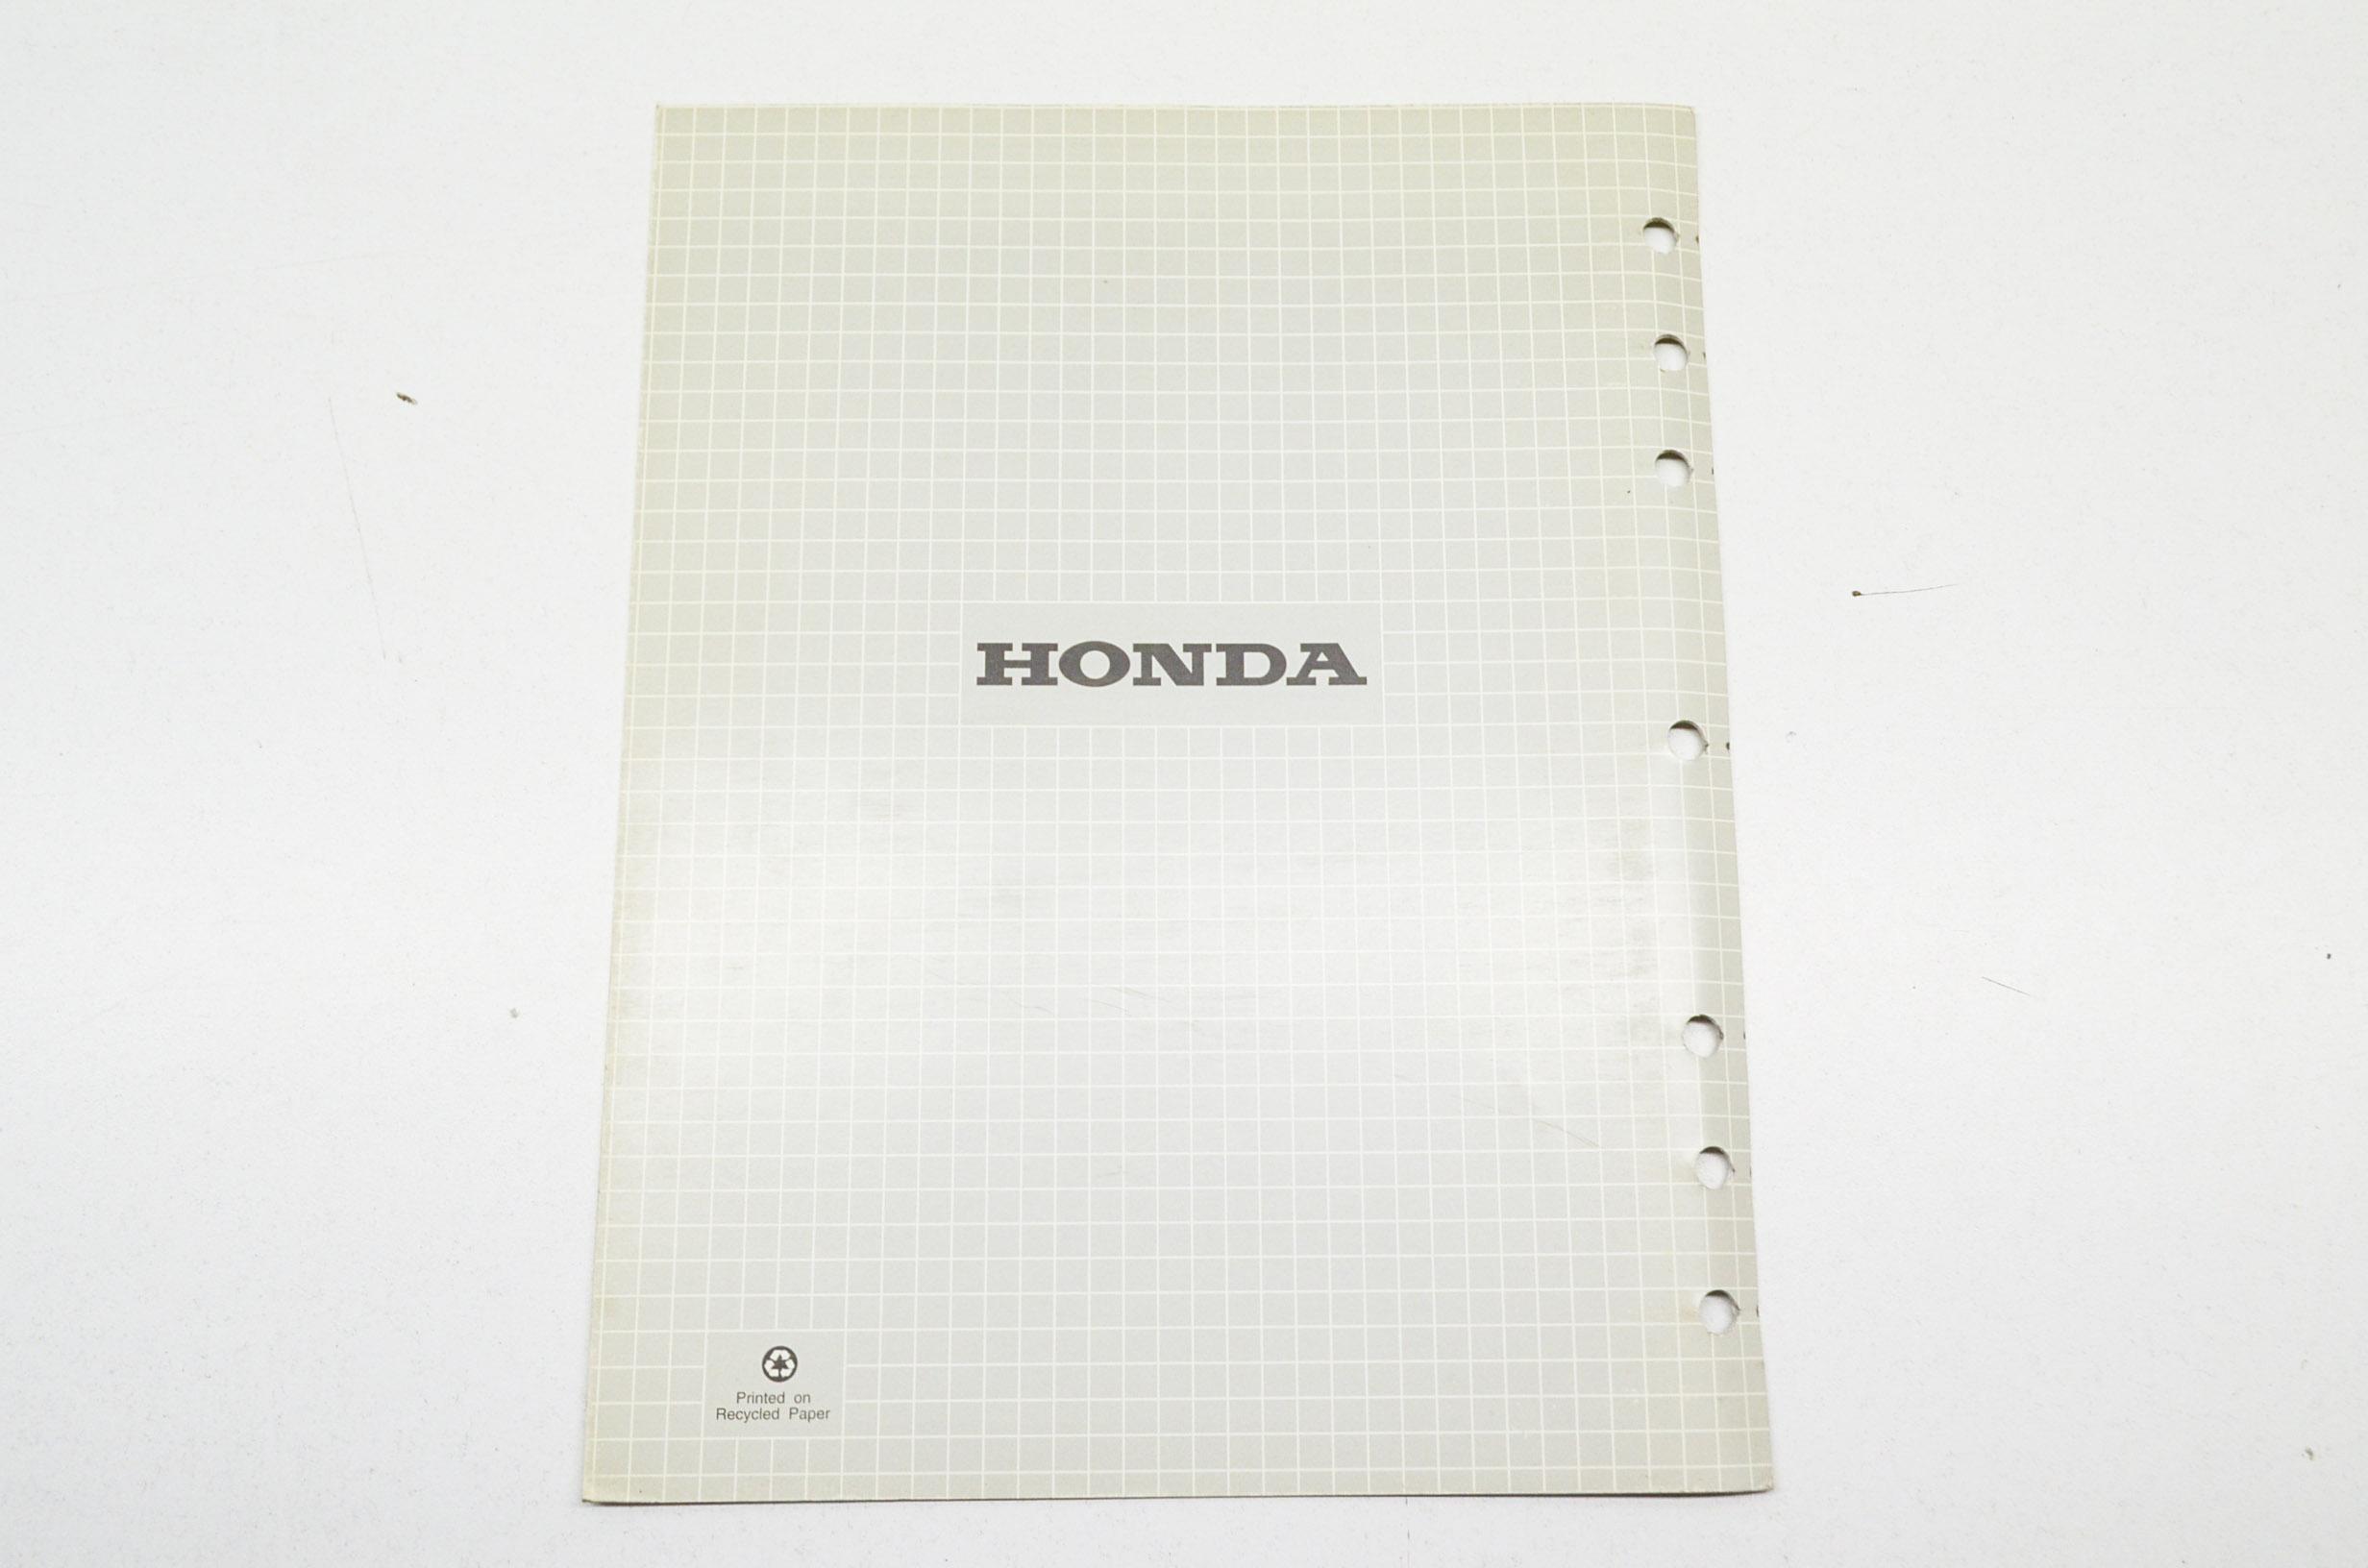 Honda Ex 4500 Generator Diagram Of Parts Es4500 A Jpn Vin